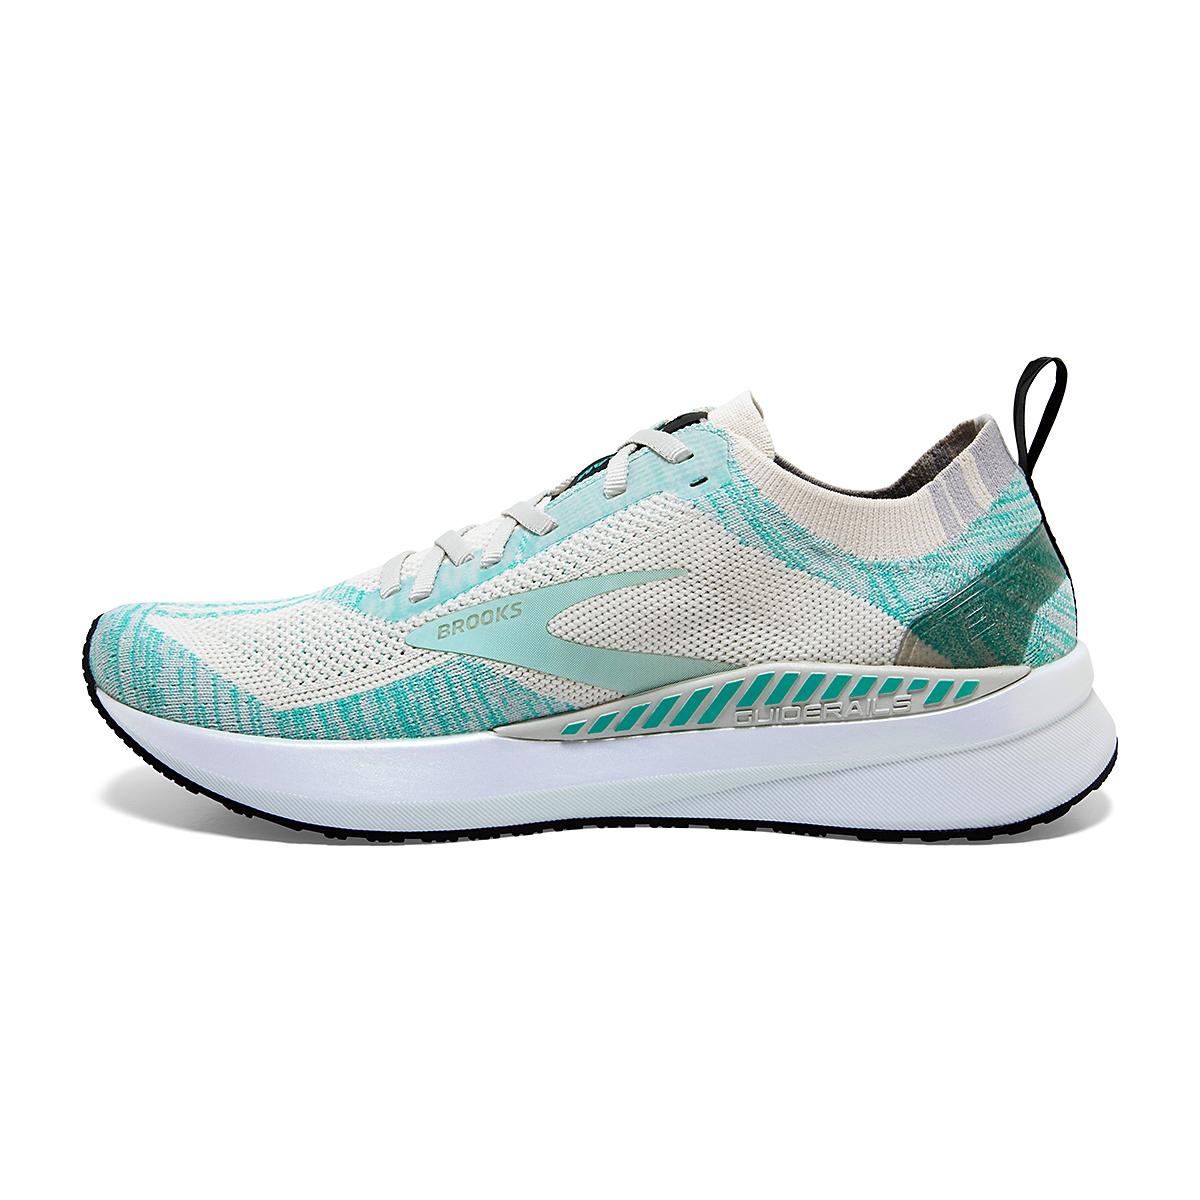 Women's Brooks Bedlam 3 Running Shoe - Color: Jet Stream/Atlantis/Antarctica - Size: 5 - Width: Regular, Jet Stream/Atlantis/Antarctica, large, image 2